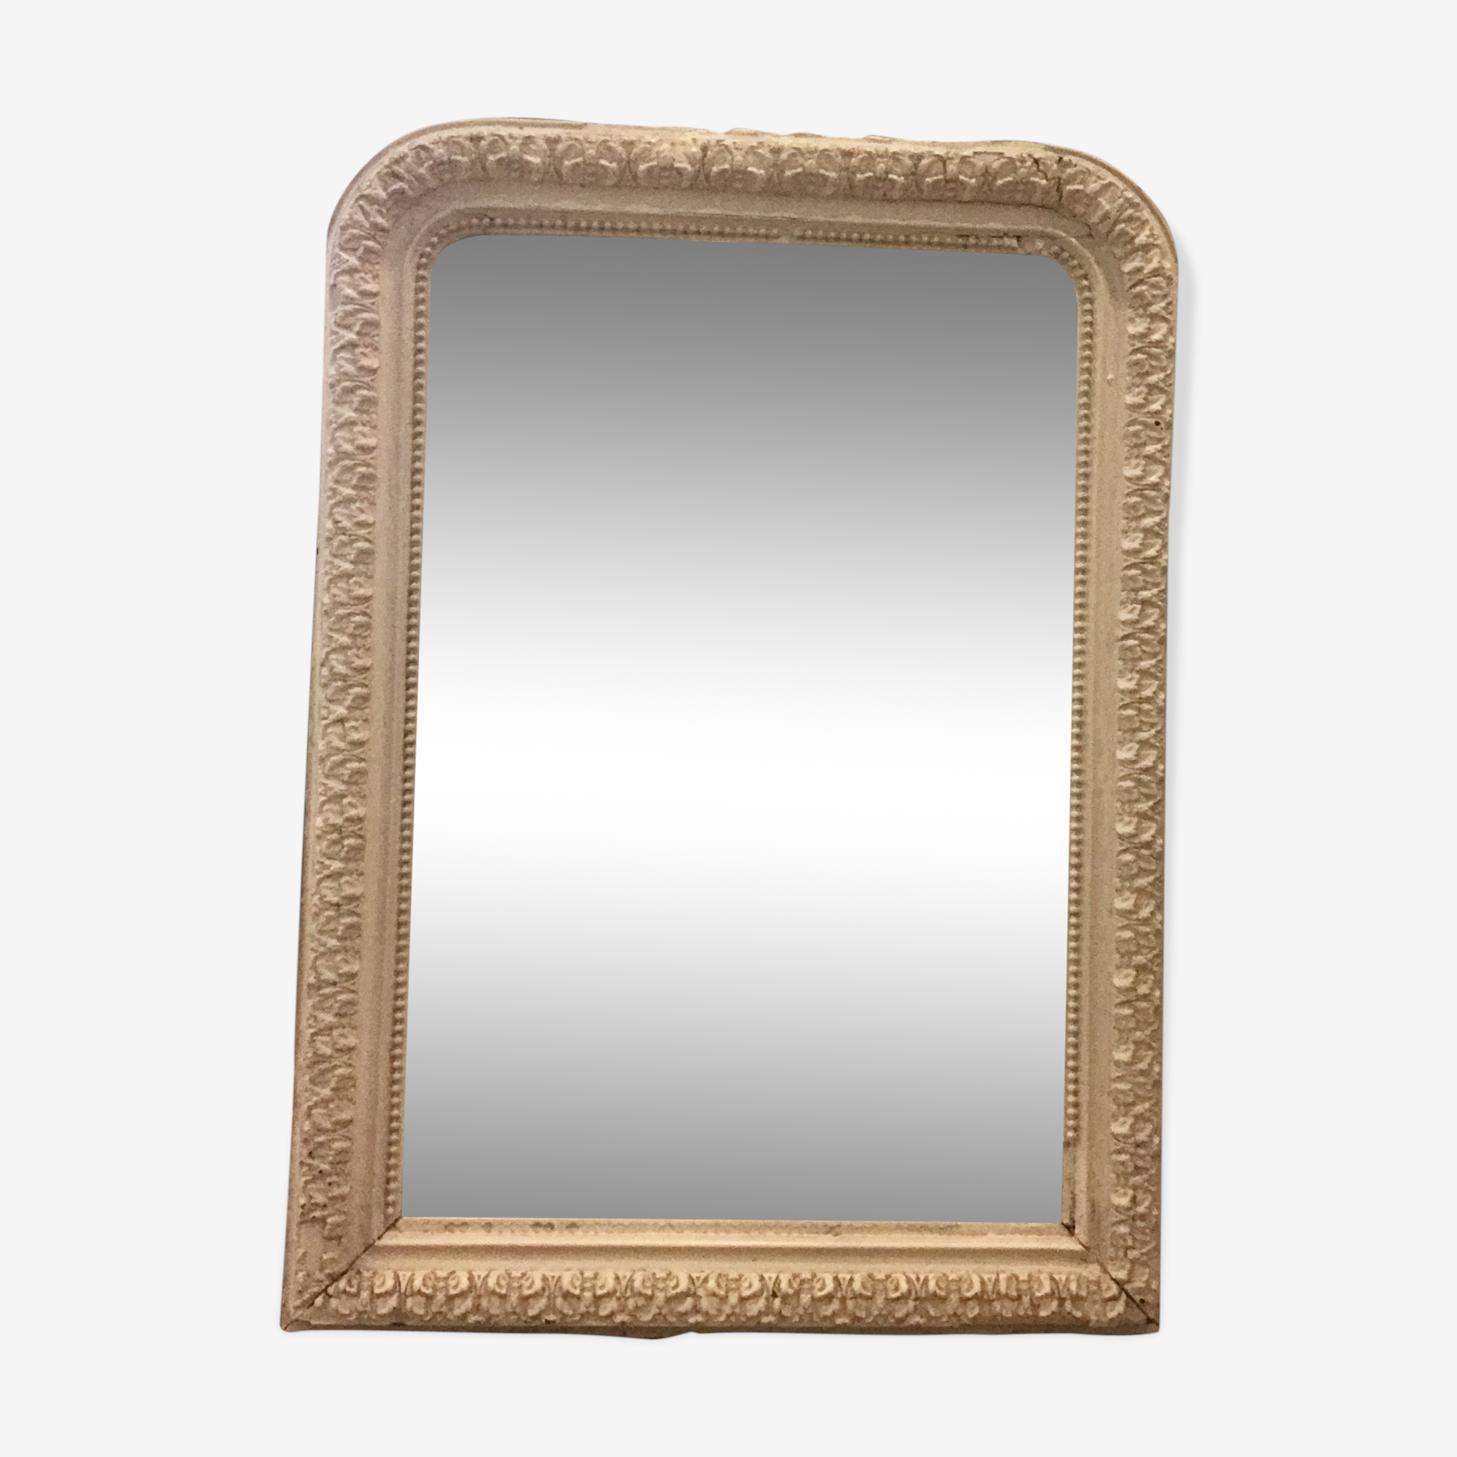 Miroir de cheminée ancien 75x105cm